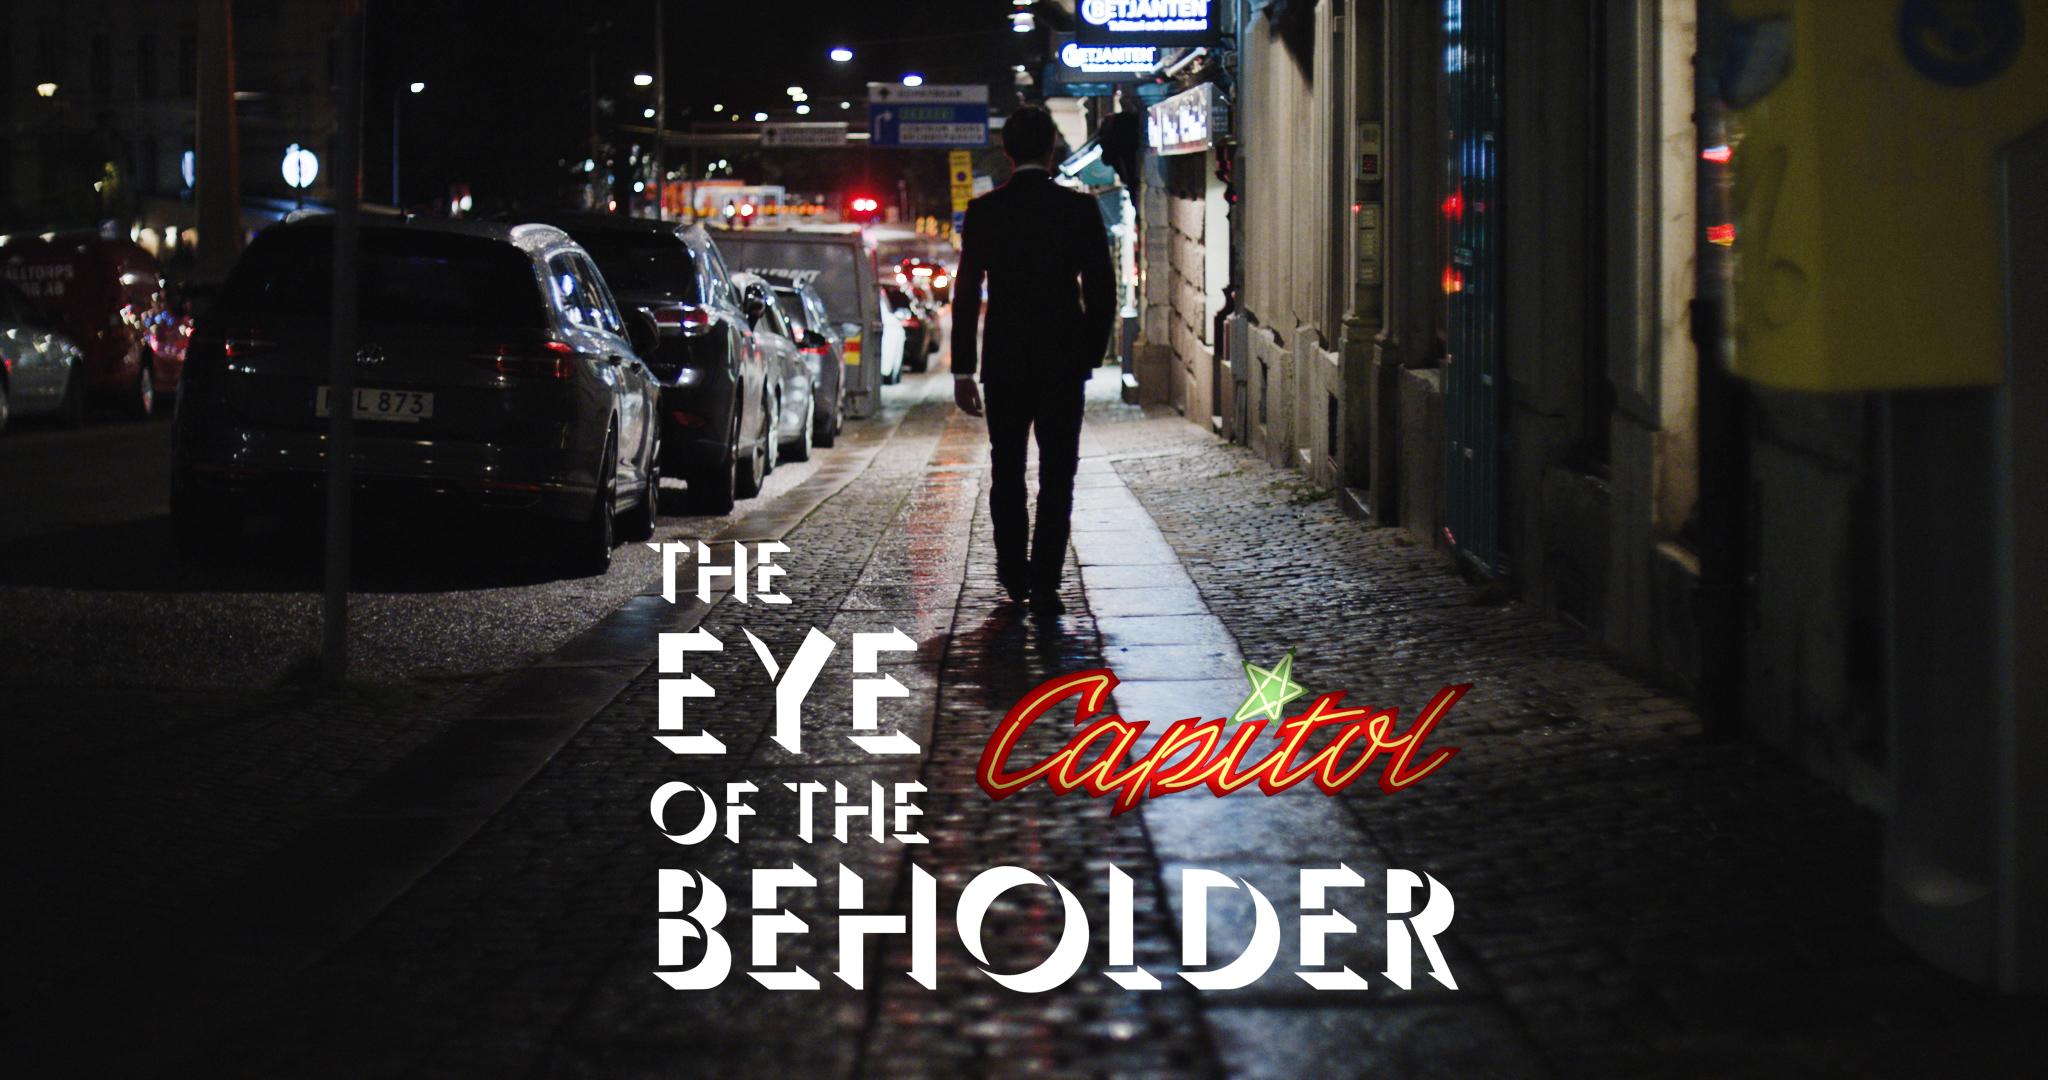 the_eye_of_the_beholder_capitol.jpg